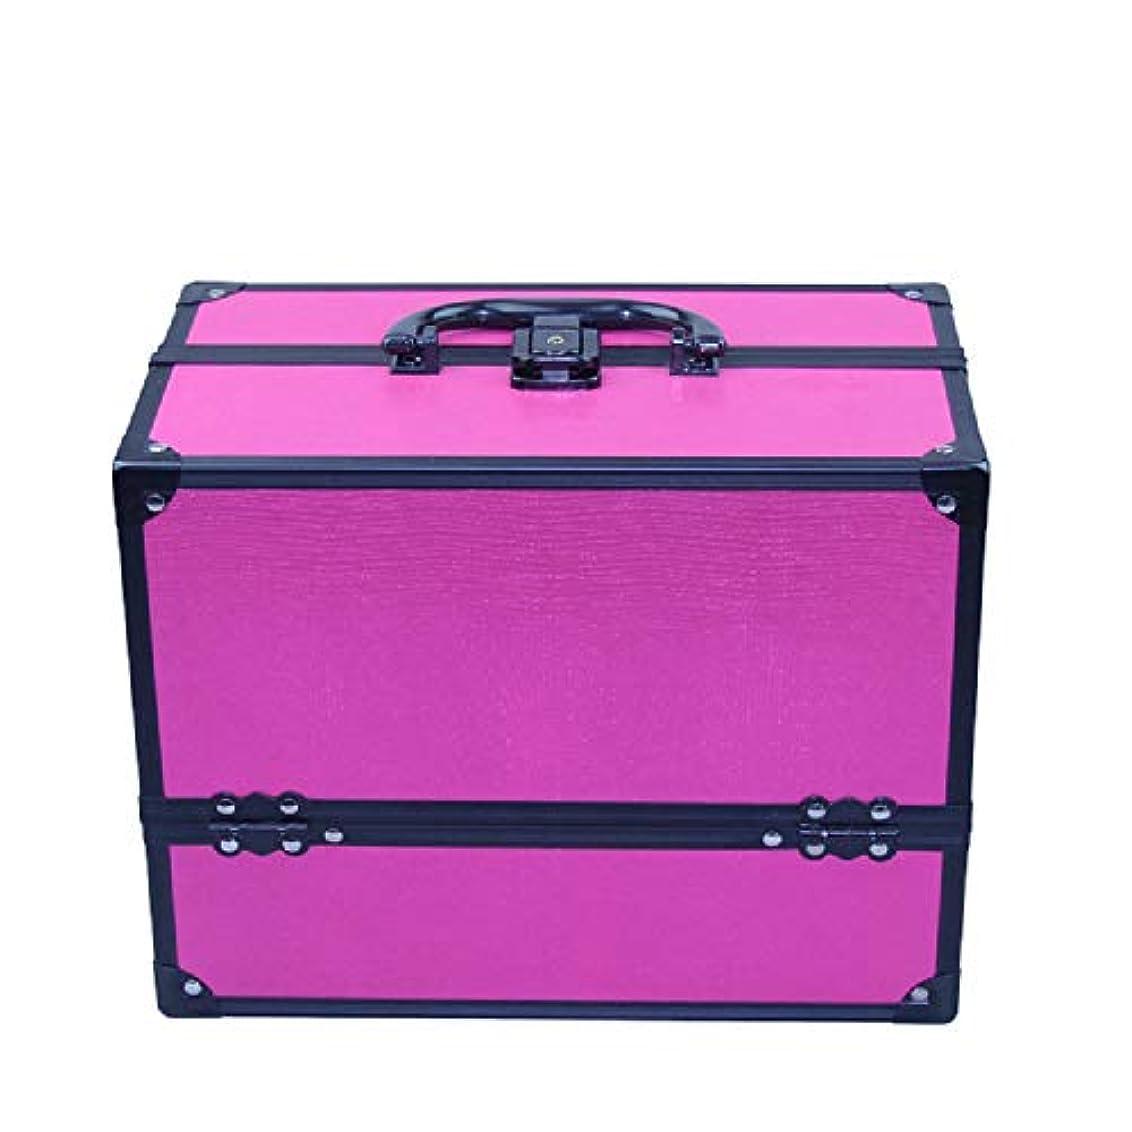 執着乗って無心化粧オーガナイザーバッグ 純粋な色のポータブル化粧品ケーストラベルアクセサリーシャンプーボディウォッシュパーソナルアイテムストレージロックとスライディングトレイ 化粧品ケース